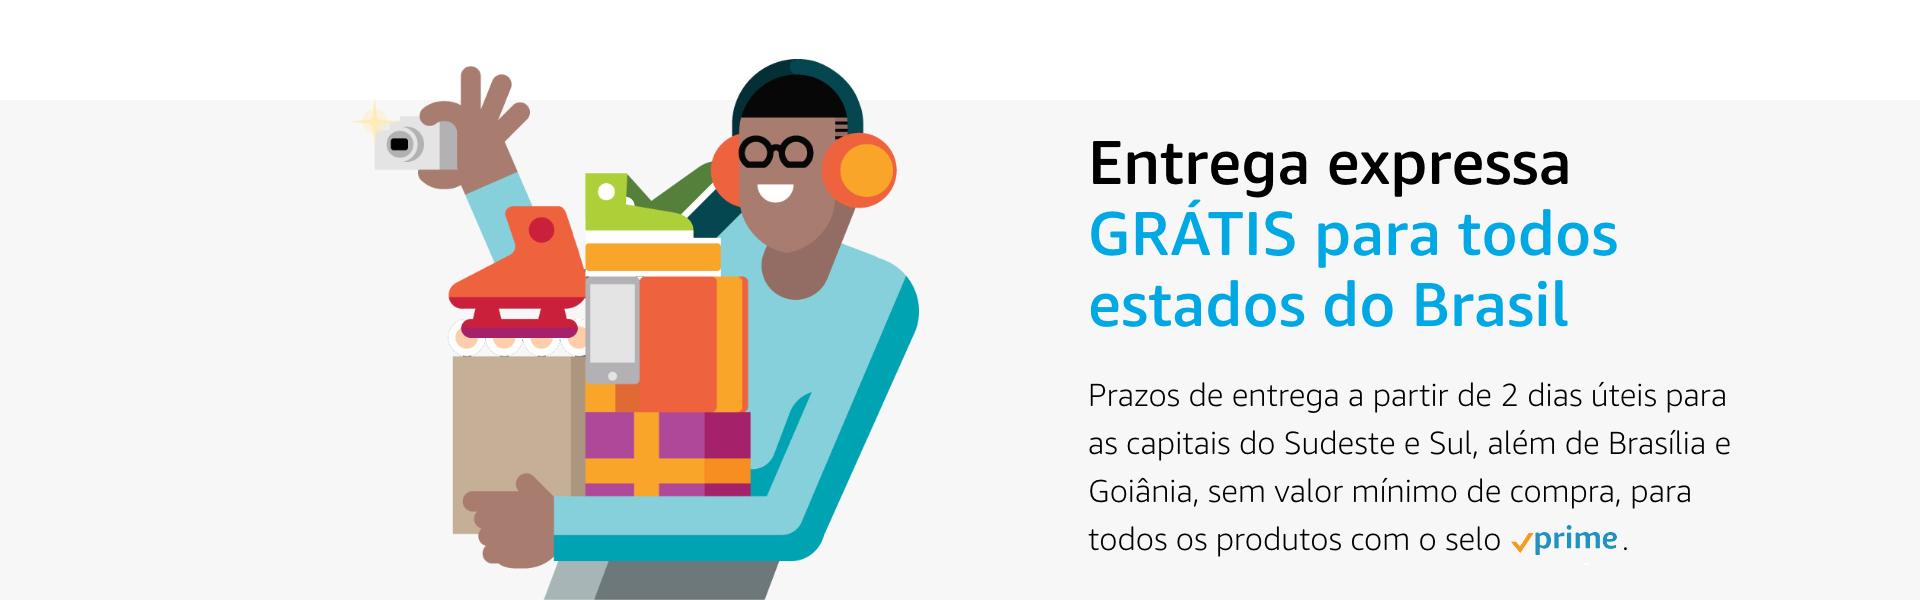 Entrega expressa grátis para todo Brasil